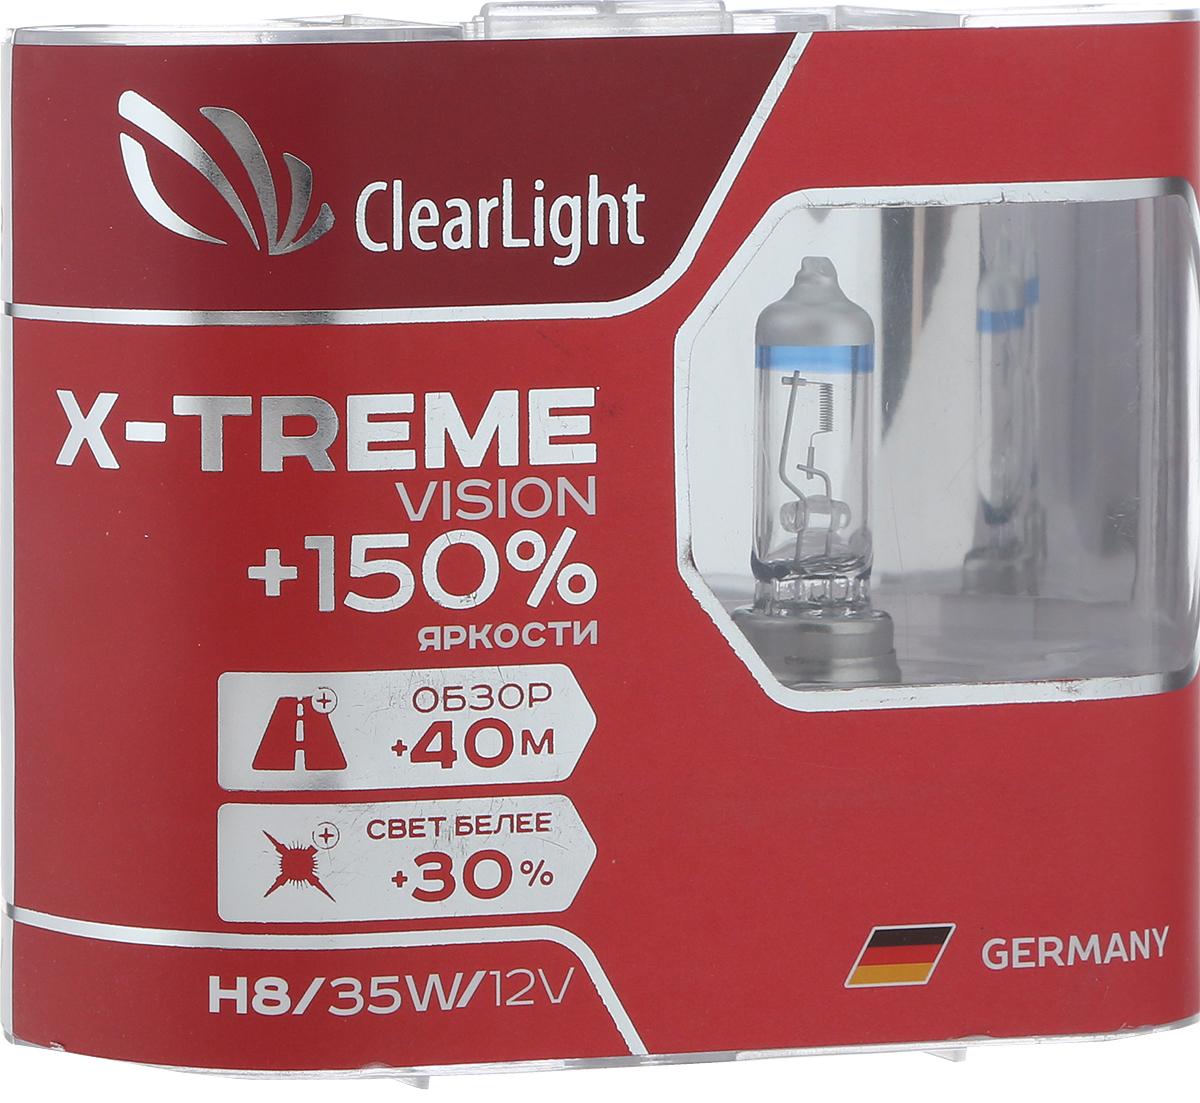 Лампа автомобильная галогенная Clearlight X-treme Vision +150% Light, цоколь H8, 12V, 35W, 2 шт the beatles the white album original recording remastered 2lp